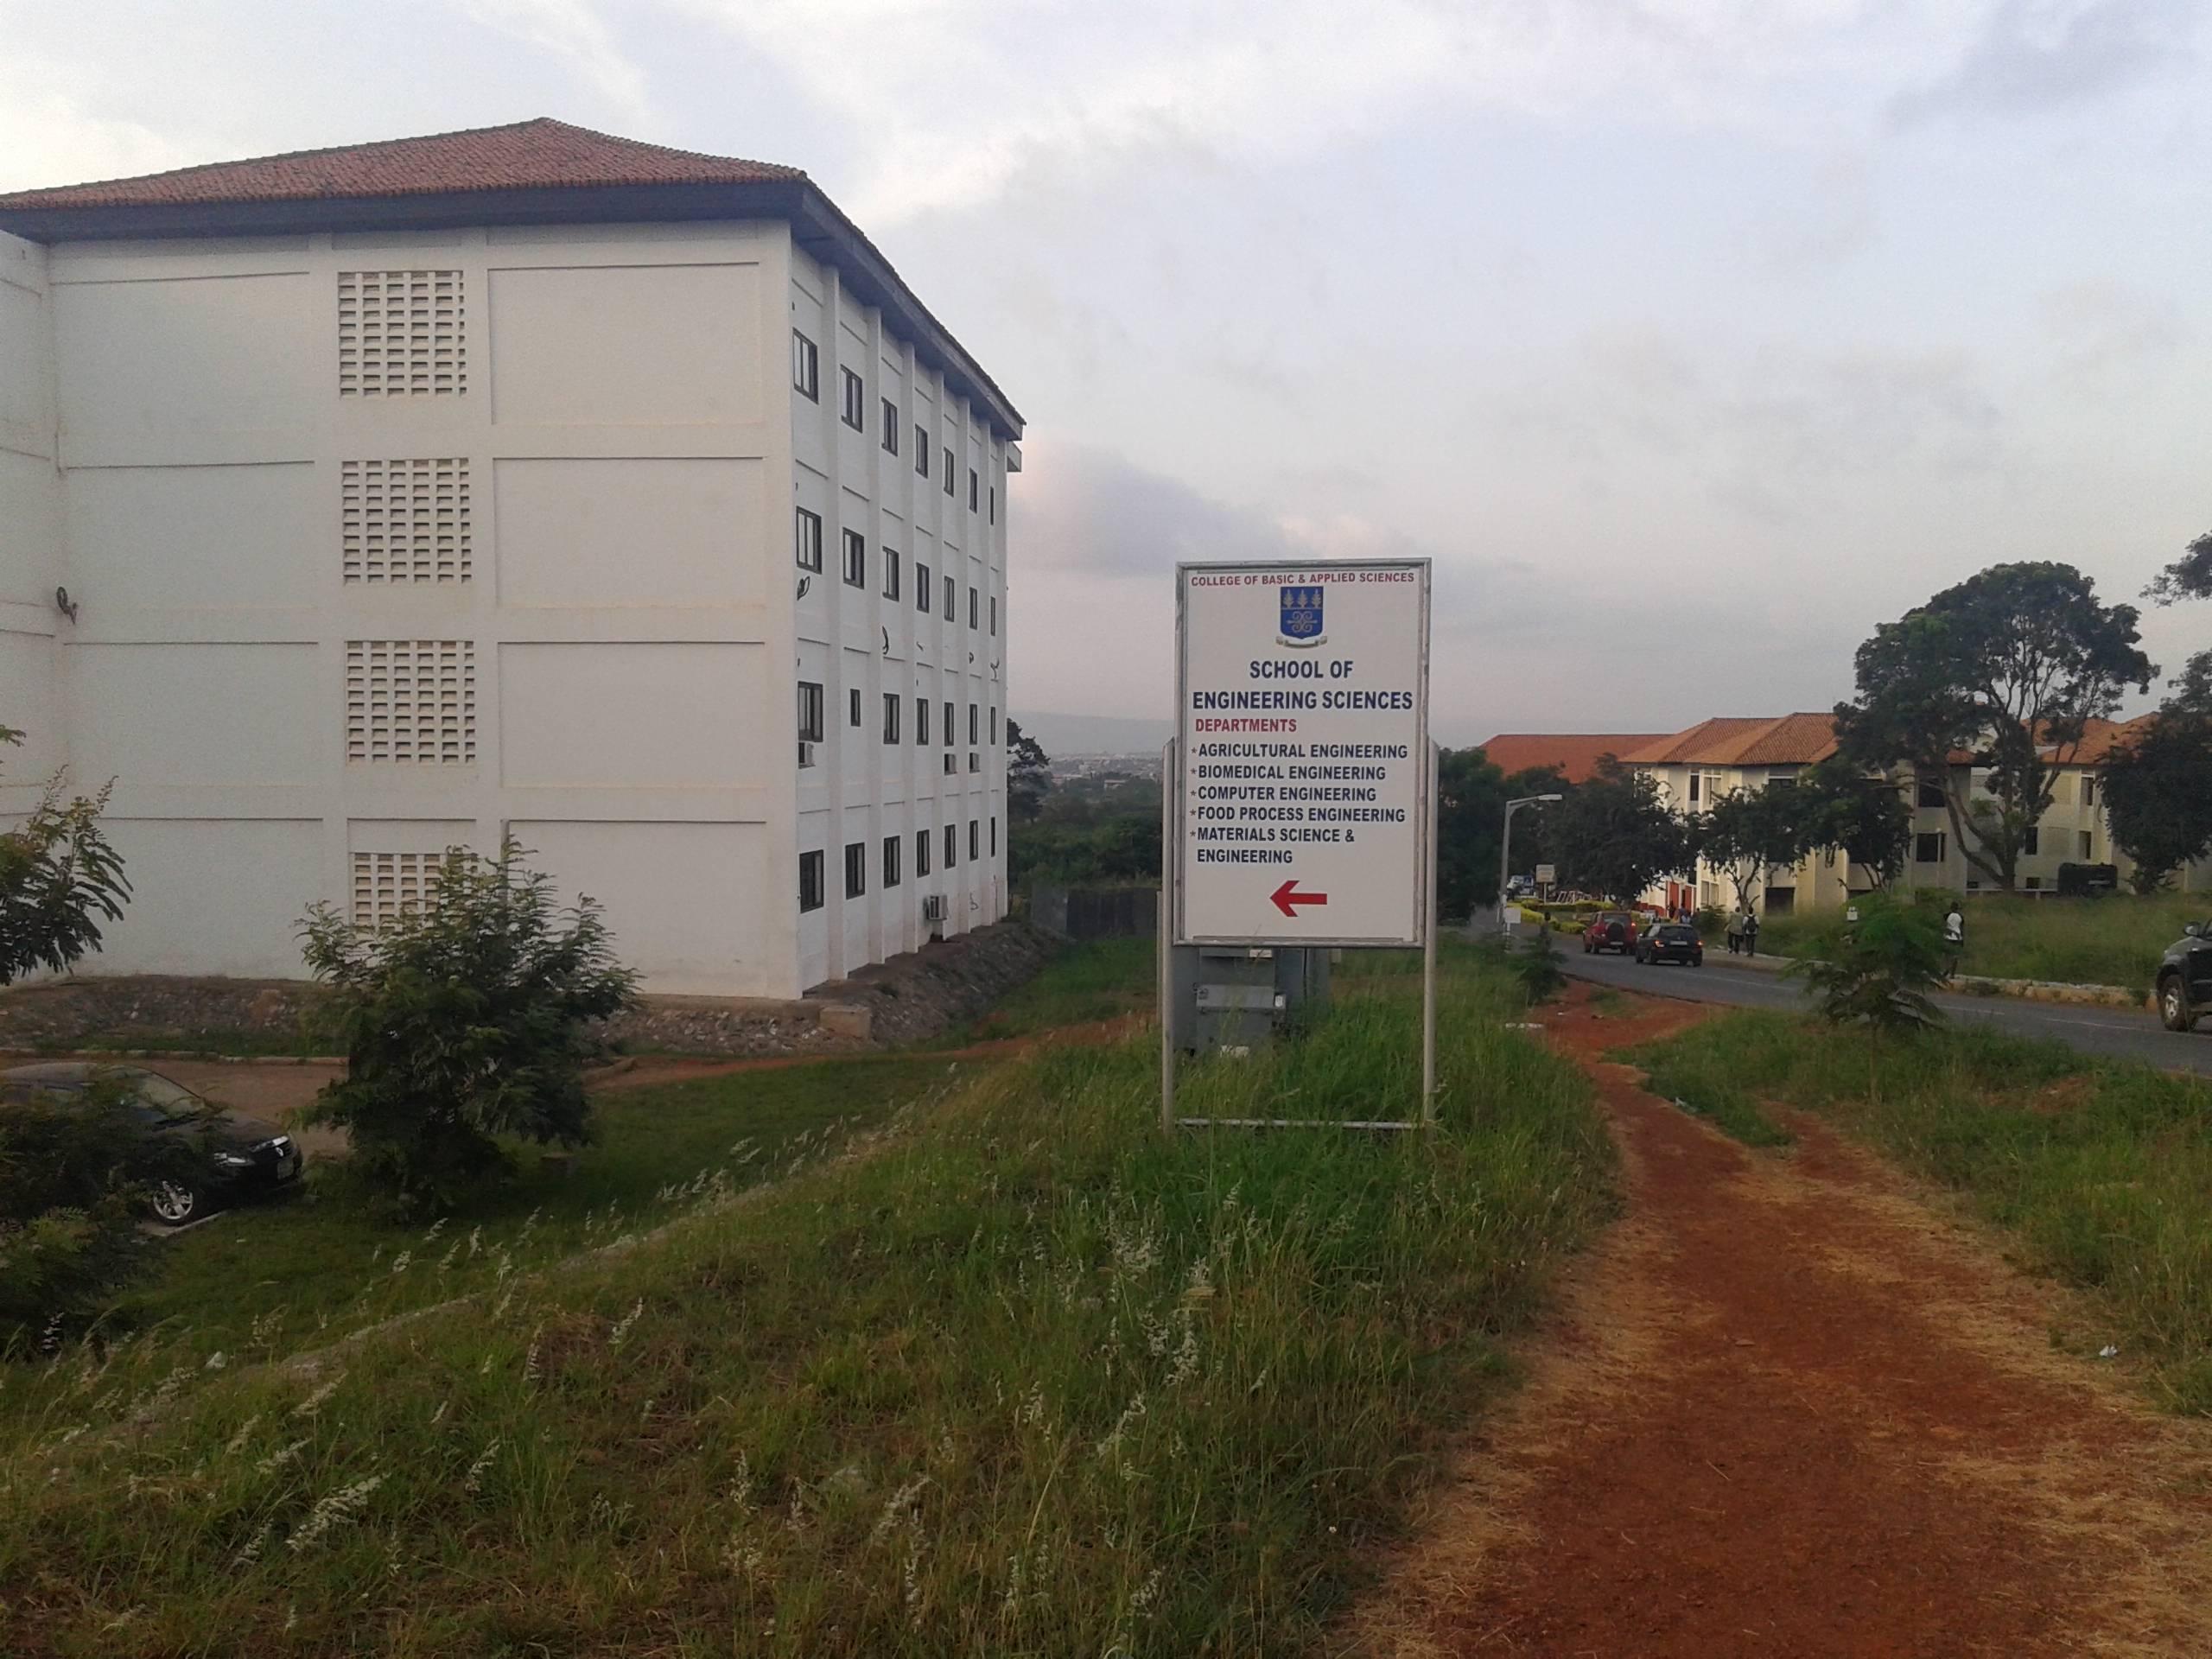 School of Engineering Sciences (SES), University of Ghana